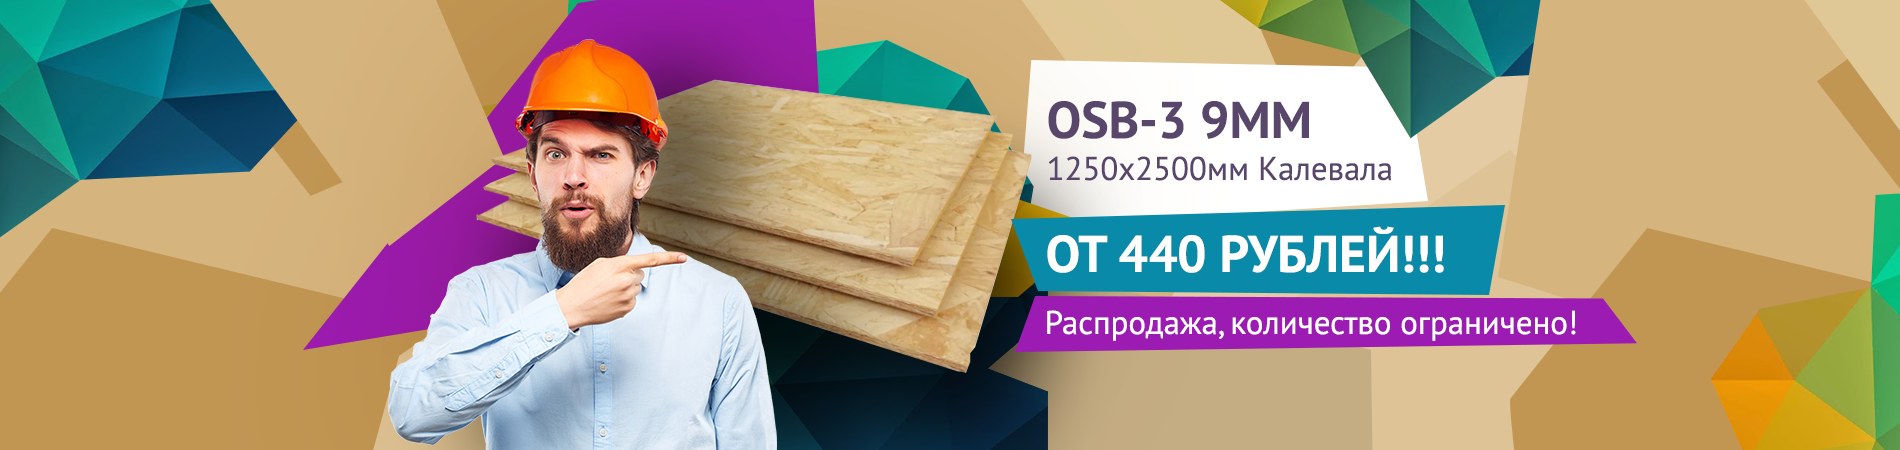 OSB-3 9мм 1250х2500мм Калевала за 470 рублей! (цена за лист)